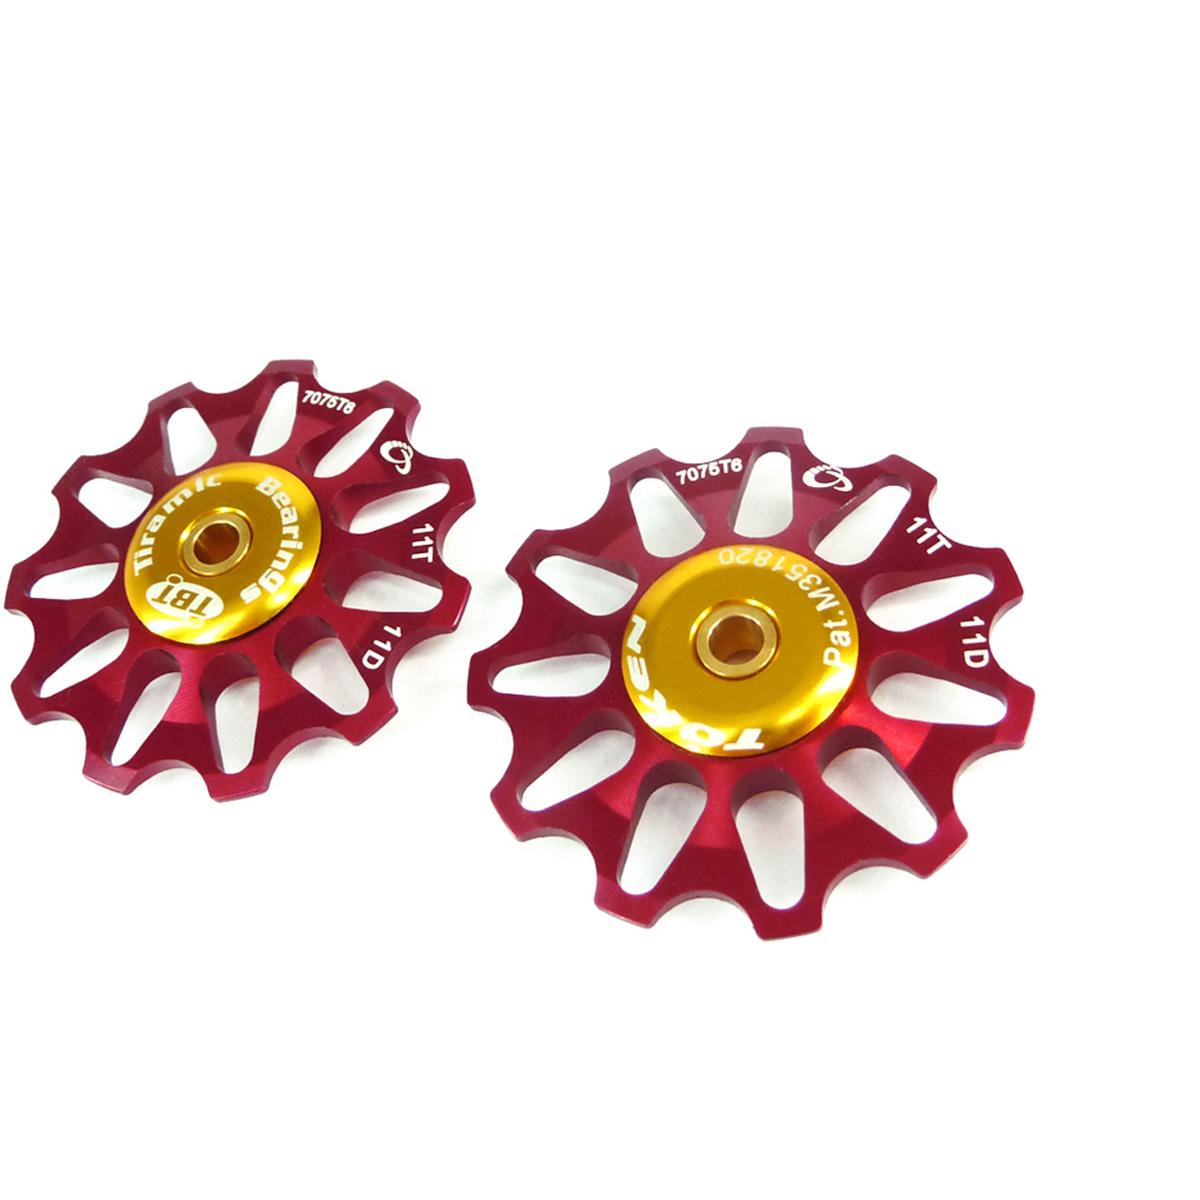 Galets de dérailleur Token 11 dents comp. Shimano/Campagnolo/SRAM X0 roulements céramique Rouge